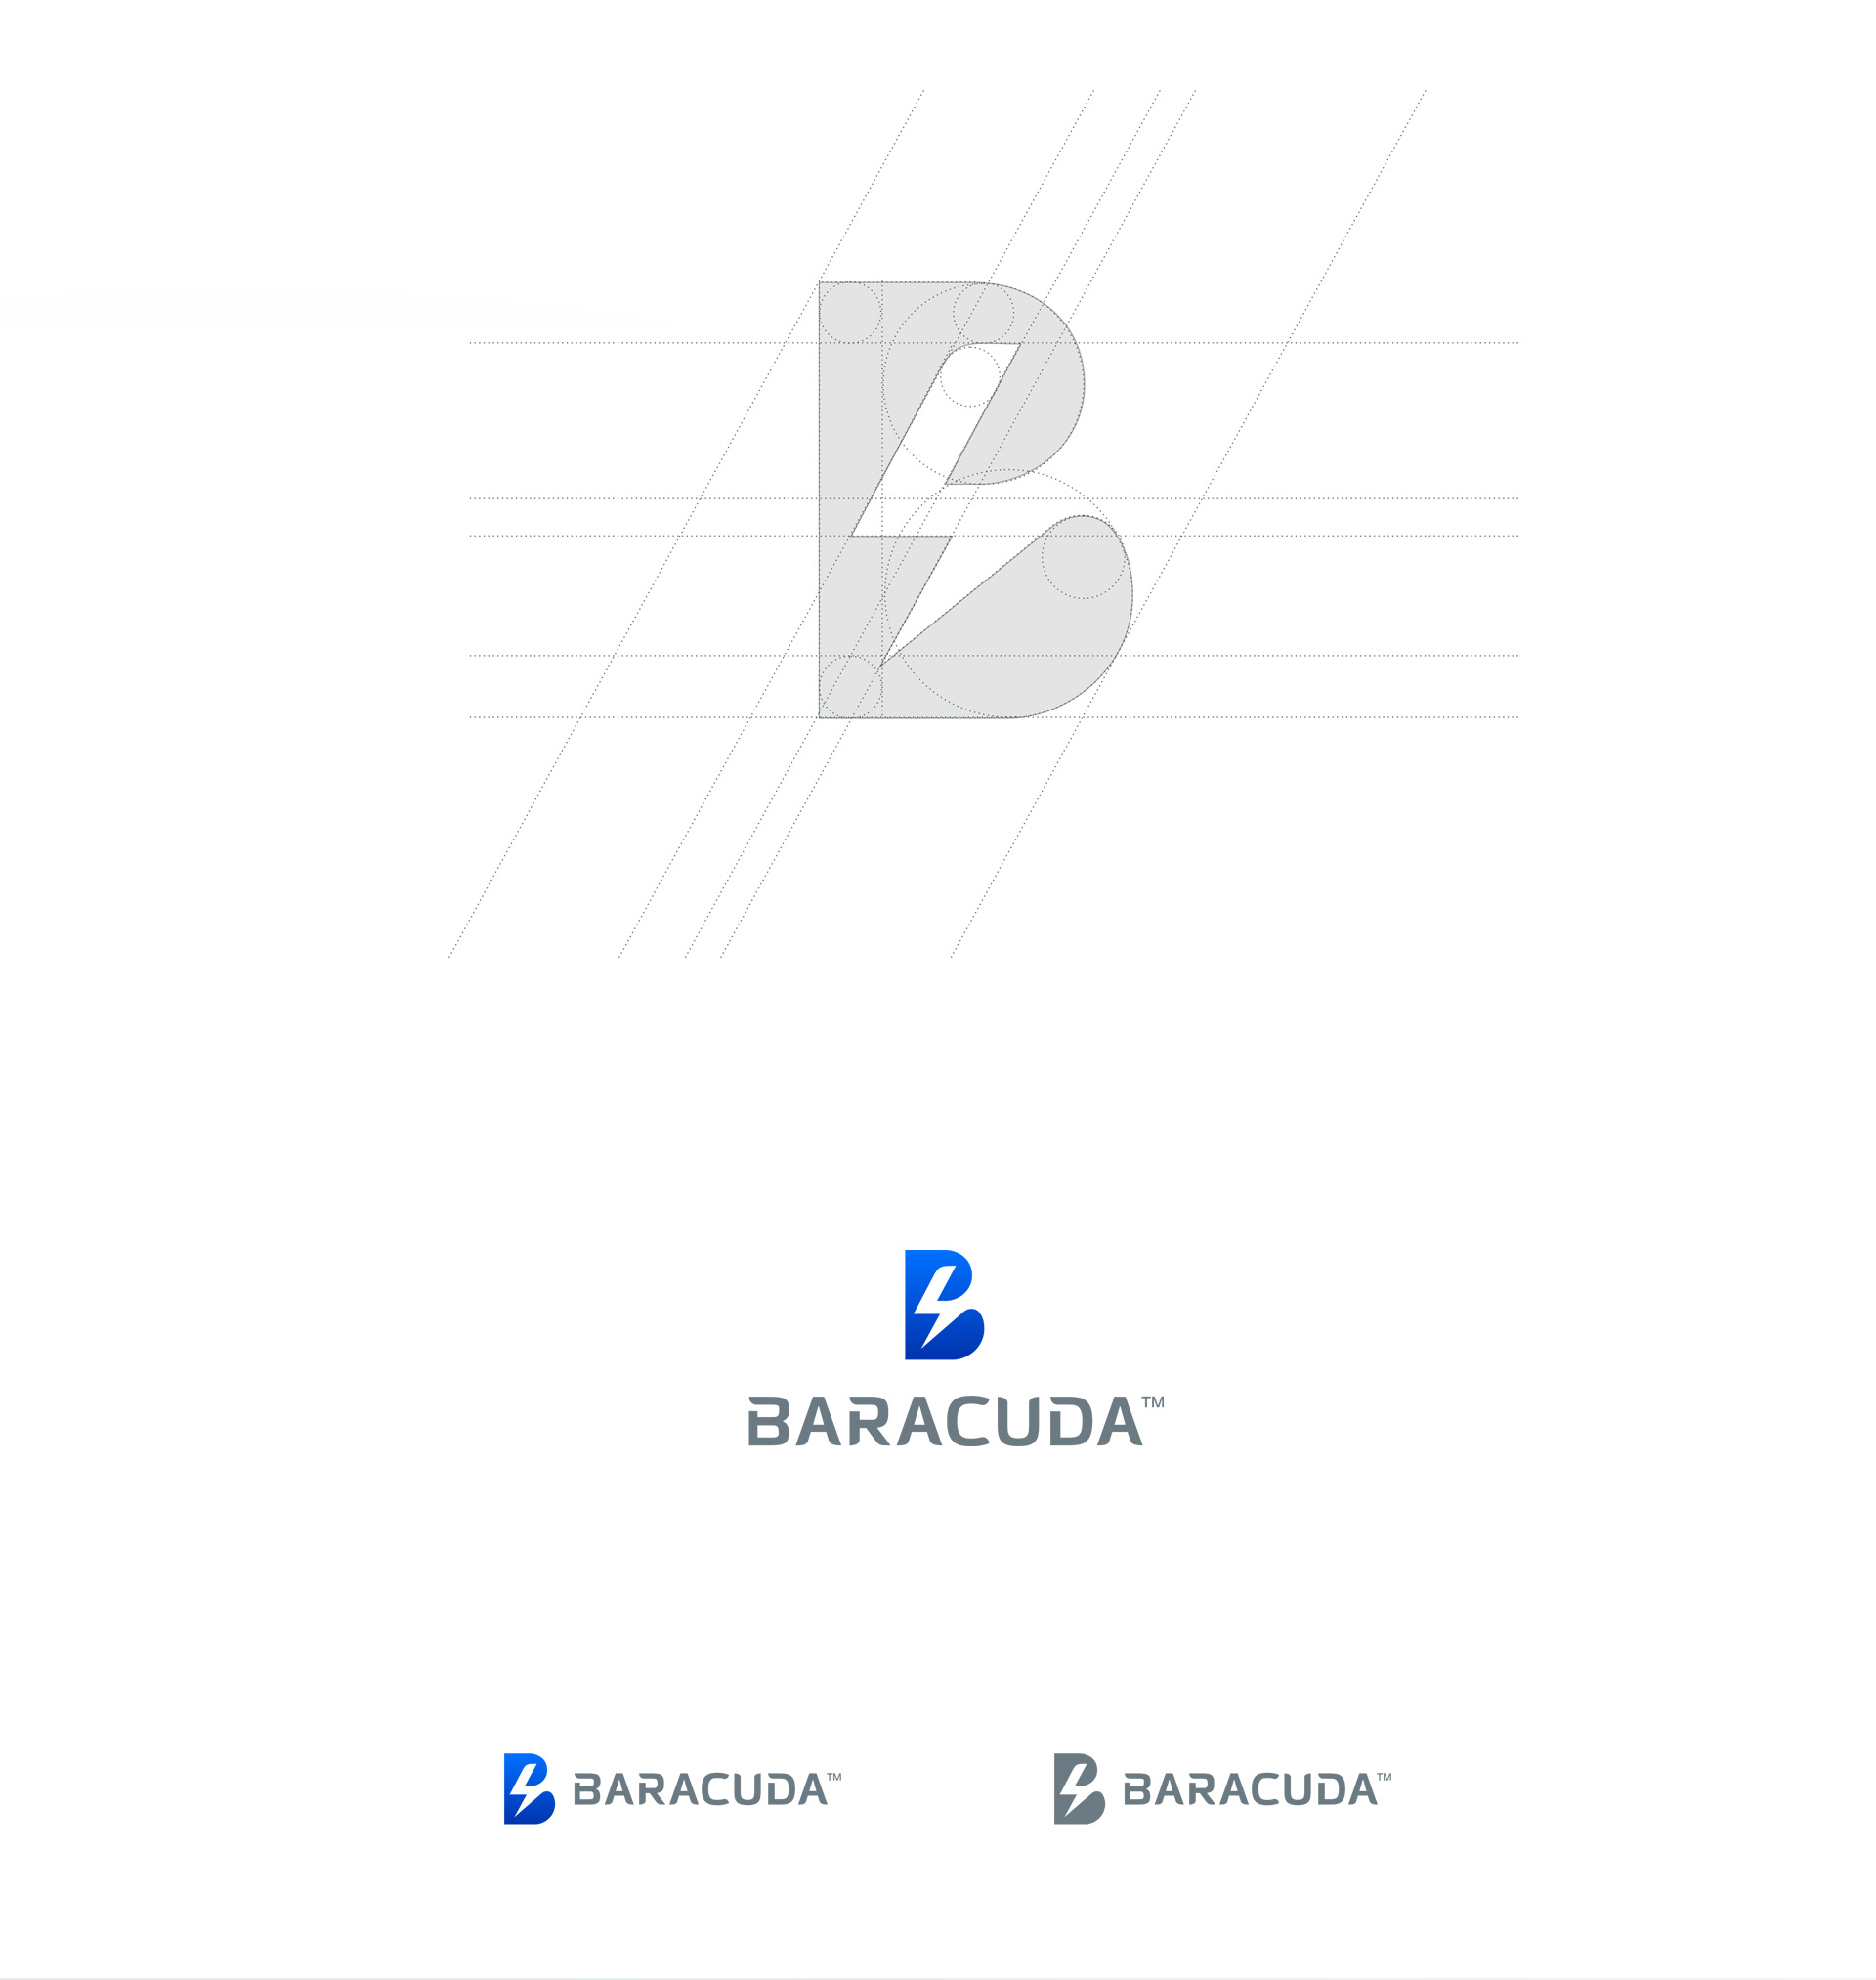 Prezentacja logo firmy Baracuda oraz grid logo